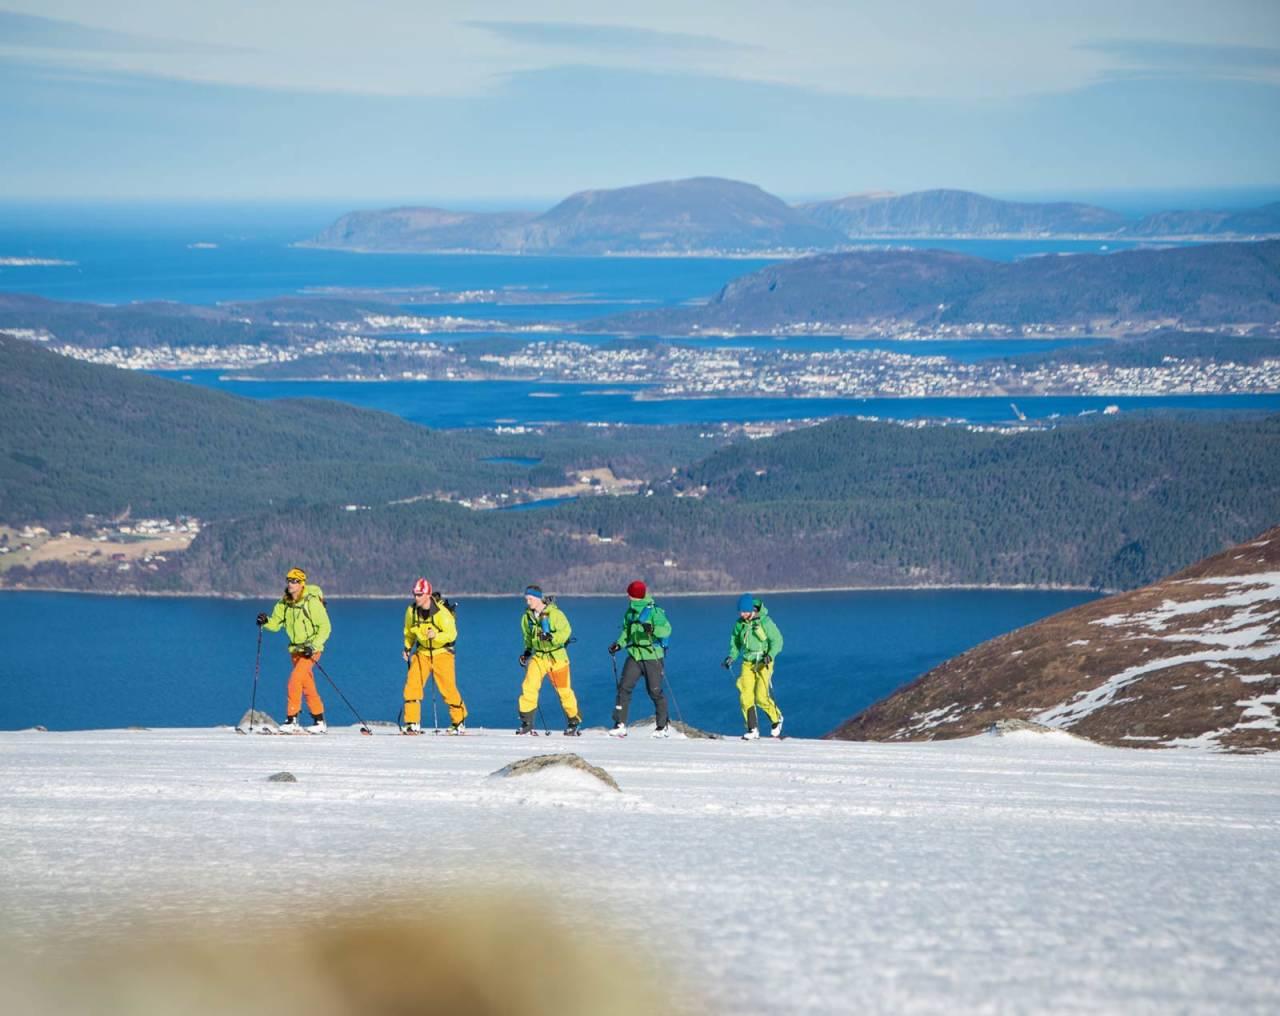 Slakt terreng på veg mot Rametinden. Delar av Ålesund i bakgrunnen. Foto: Håvard Myklebust